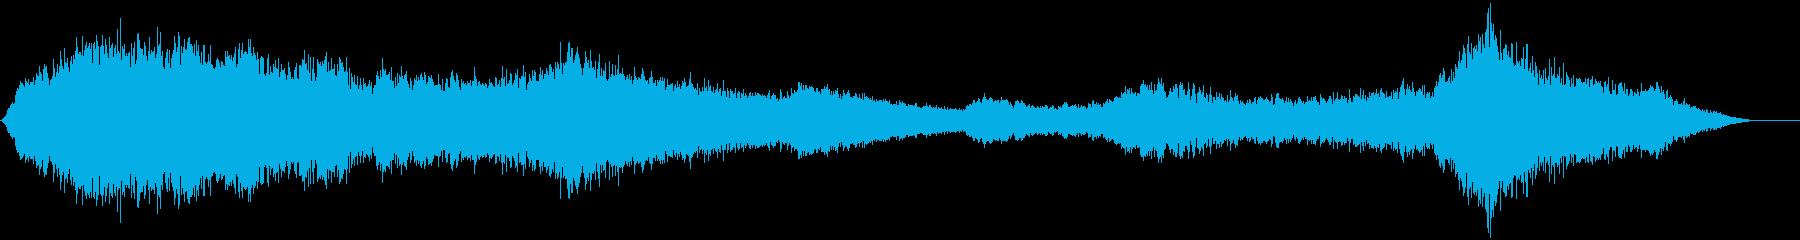 ゆっくりと変化するピッチのベルトーンの再生済みの波形